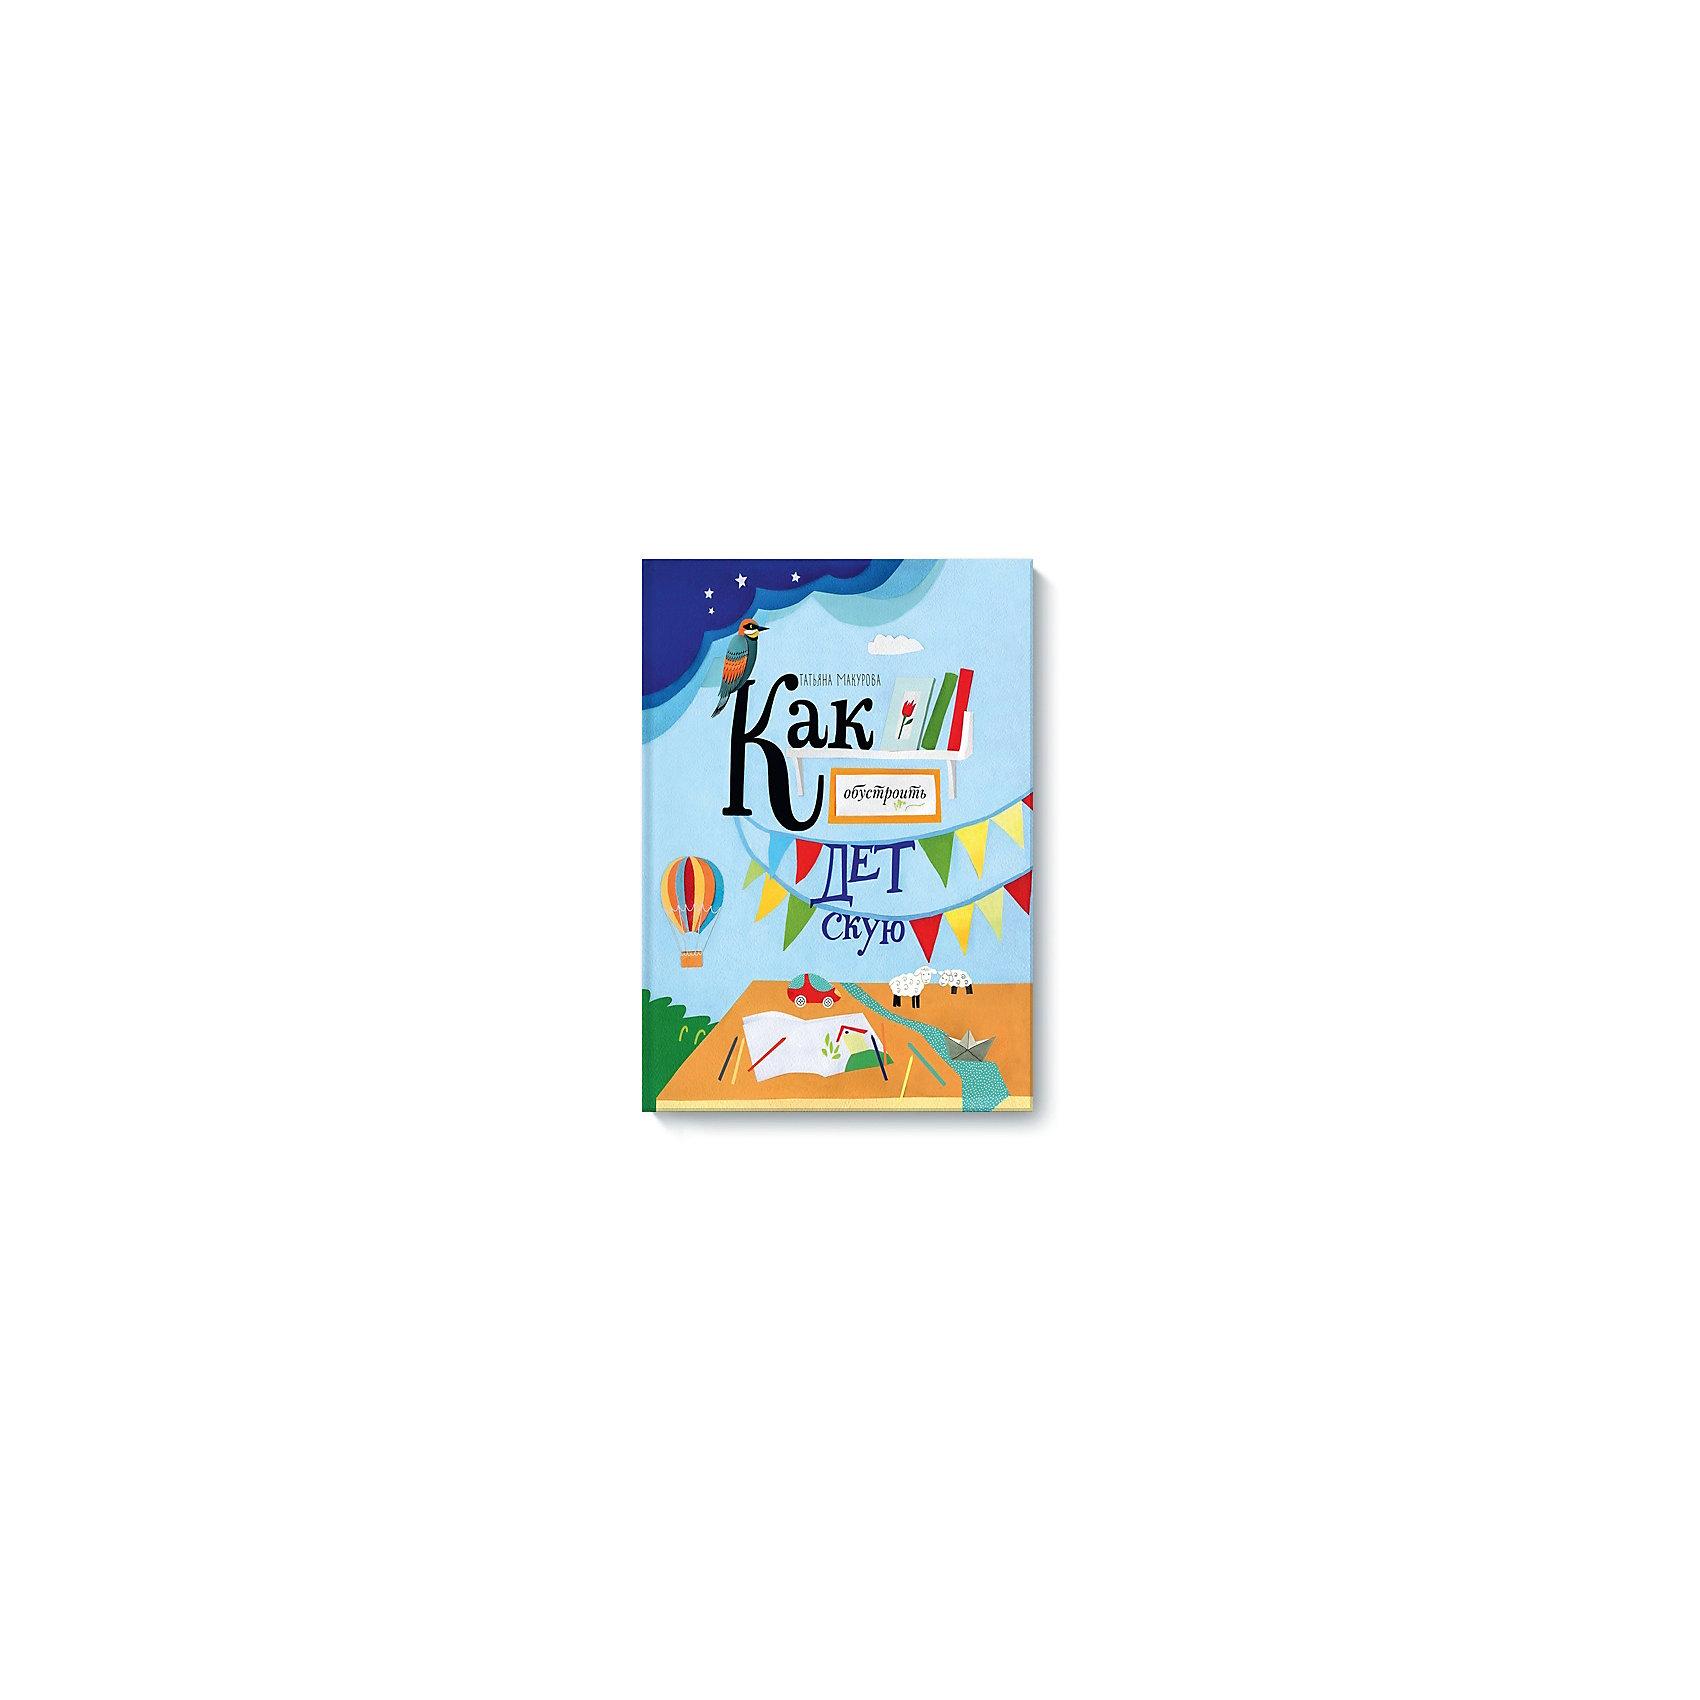 Как обустроить детскуюБеременность, роды<br>Характеристики товара: <br><br>• ISBN: 9785000576649<br>• возраст от: 16 лет<br>• формат: 70x90/16<br>• бумага: мелованная<br>• обложка: мягкая<br>• издательство: Манн, Иванов и Фербер<br>• иллюстрации: цветные<br>• автор: Макурова Татьяна<br>• количество страниц: 196<br>• размеры: 21x17 см<br><br>Издание «Как обустроить детскую» - это книга для родителей, которые хотят обустроить детскую так, чтобы она была красивая и функциональная одновременно.<br><br>В ней можно найти множество идей, как организовать и декорировать это пространство. Причем для большинства мастер-классов будет достаточно ножниц и швейной машинки. <br><br>Книгу «Как обустроить детскую» можно купить в нашем интернет-магазине.<br><br>Ширина мм: 215<br>Глубина мм: 175<br>Высота мм: 150<br>Вес г: 567<br>Возраст от месяцев: 192<br>Возраст до месяцев: 2147483647<br>Пол: Унисекс<br>Возраст: Детский<br>SKU: 5535247